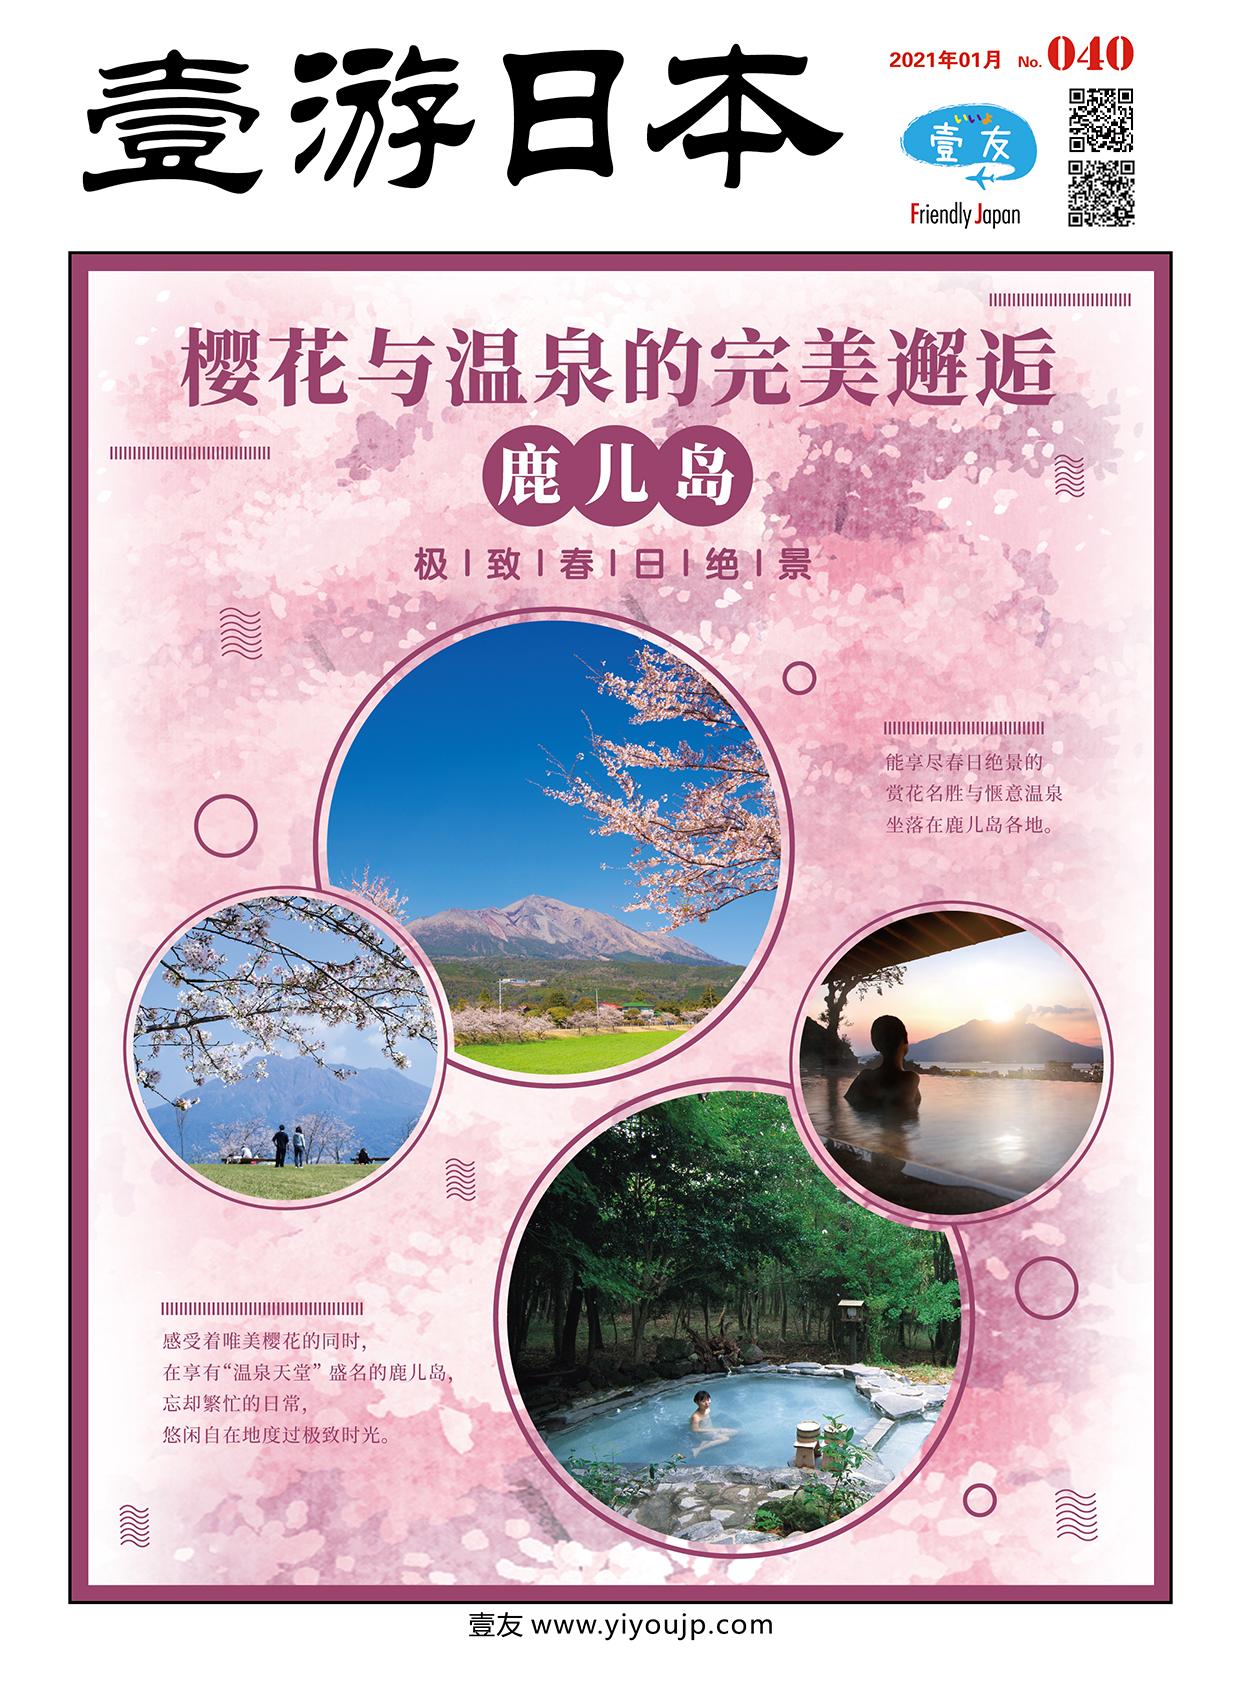 40th-封1 公益社团法人鹿儿岛县观光连盟